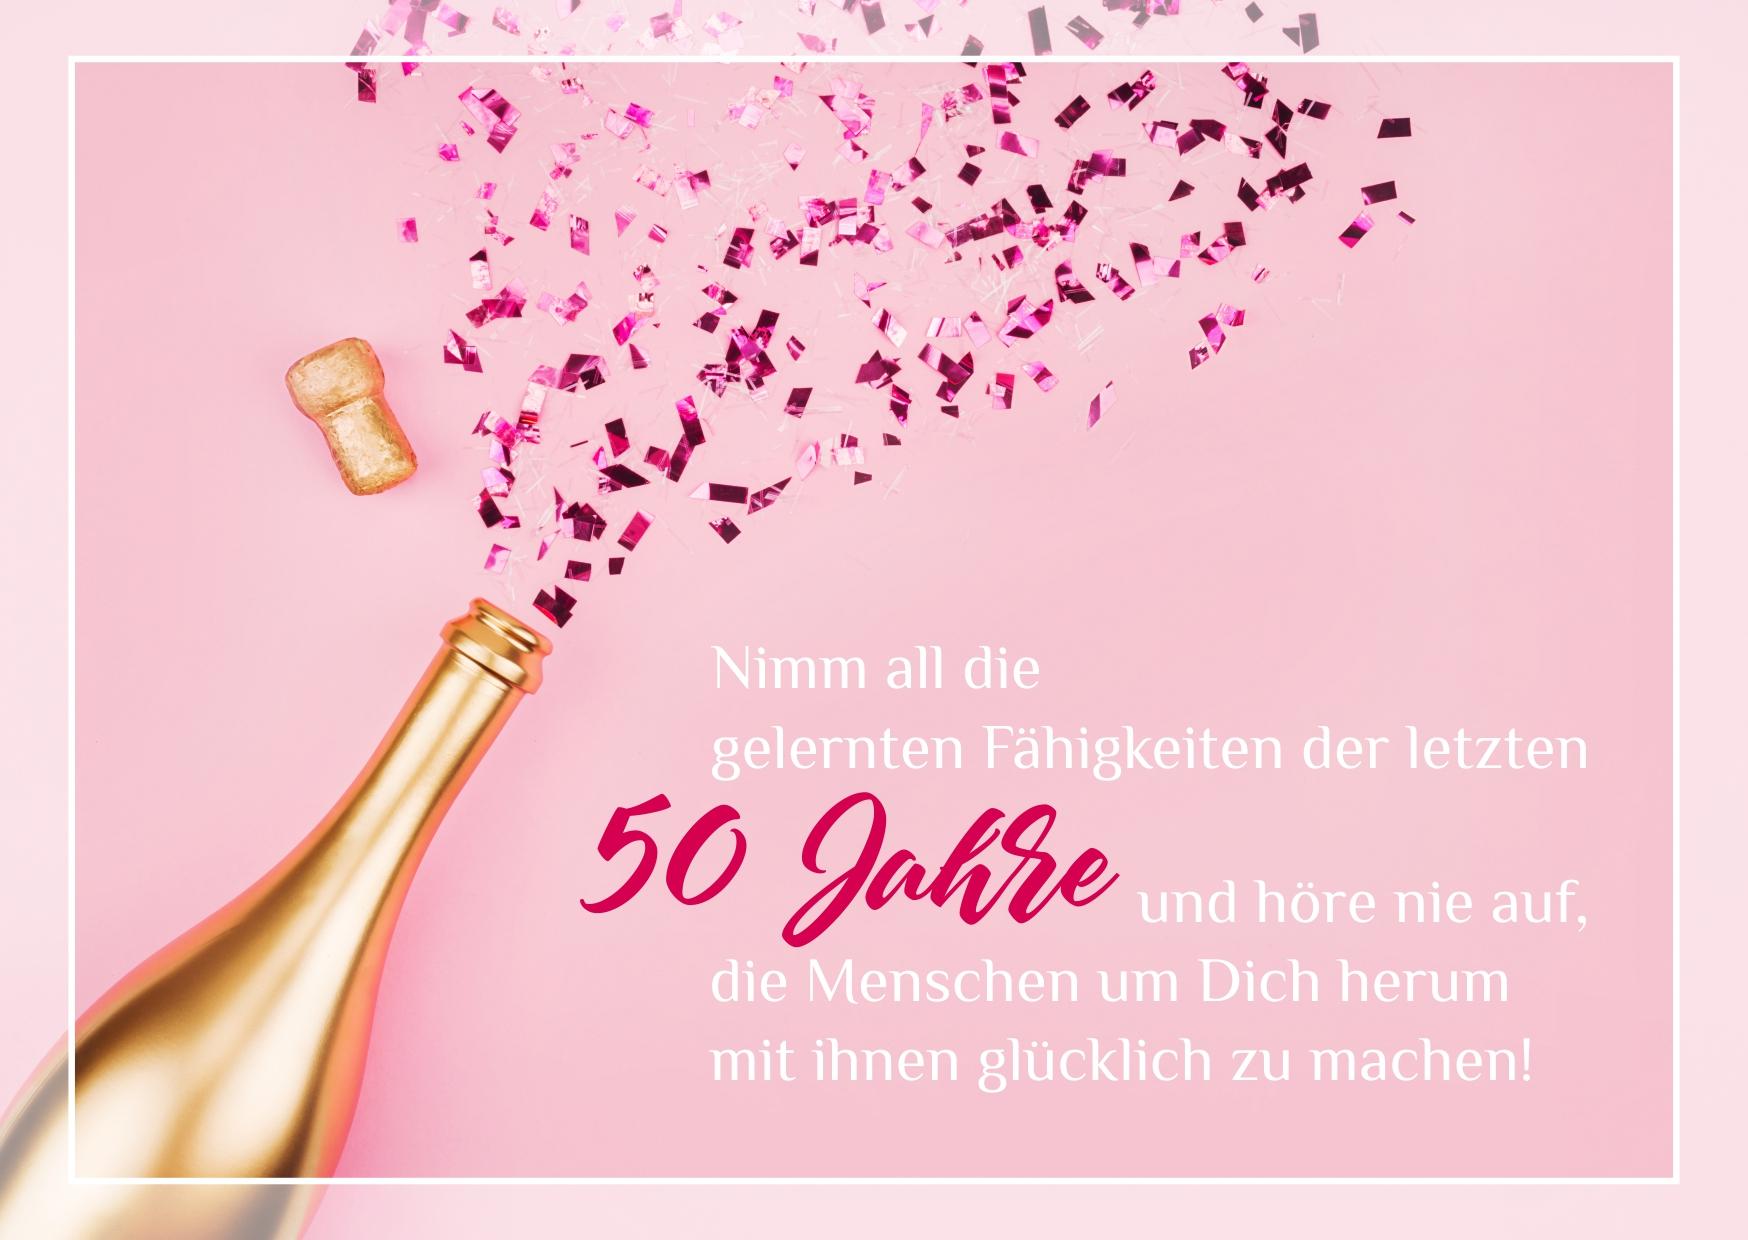 Geburtstagskarte zum 50. Geburtstag mit schönen Geburtstagsspruch und Geburtstagsbild kostenlos zum Download / Herzliche Glückwünsche, lustige Sprüche & schöne Geburtstagsgrüße für Männer, Frauen und Kinder zum Teilen auf WhatsApp, Facebook